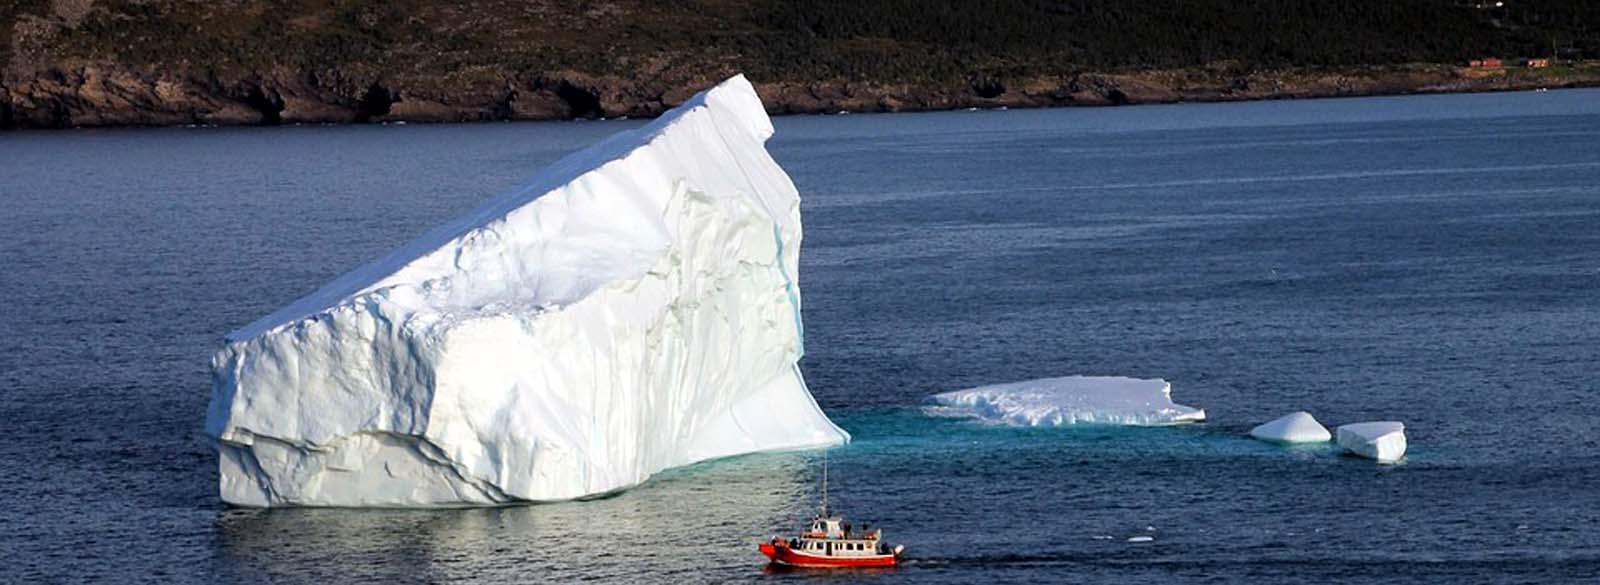 St John's-iceberg offshore -sliver